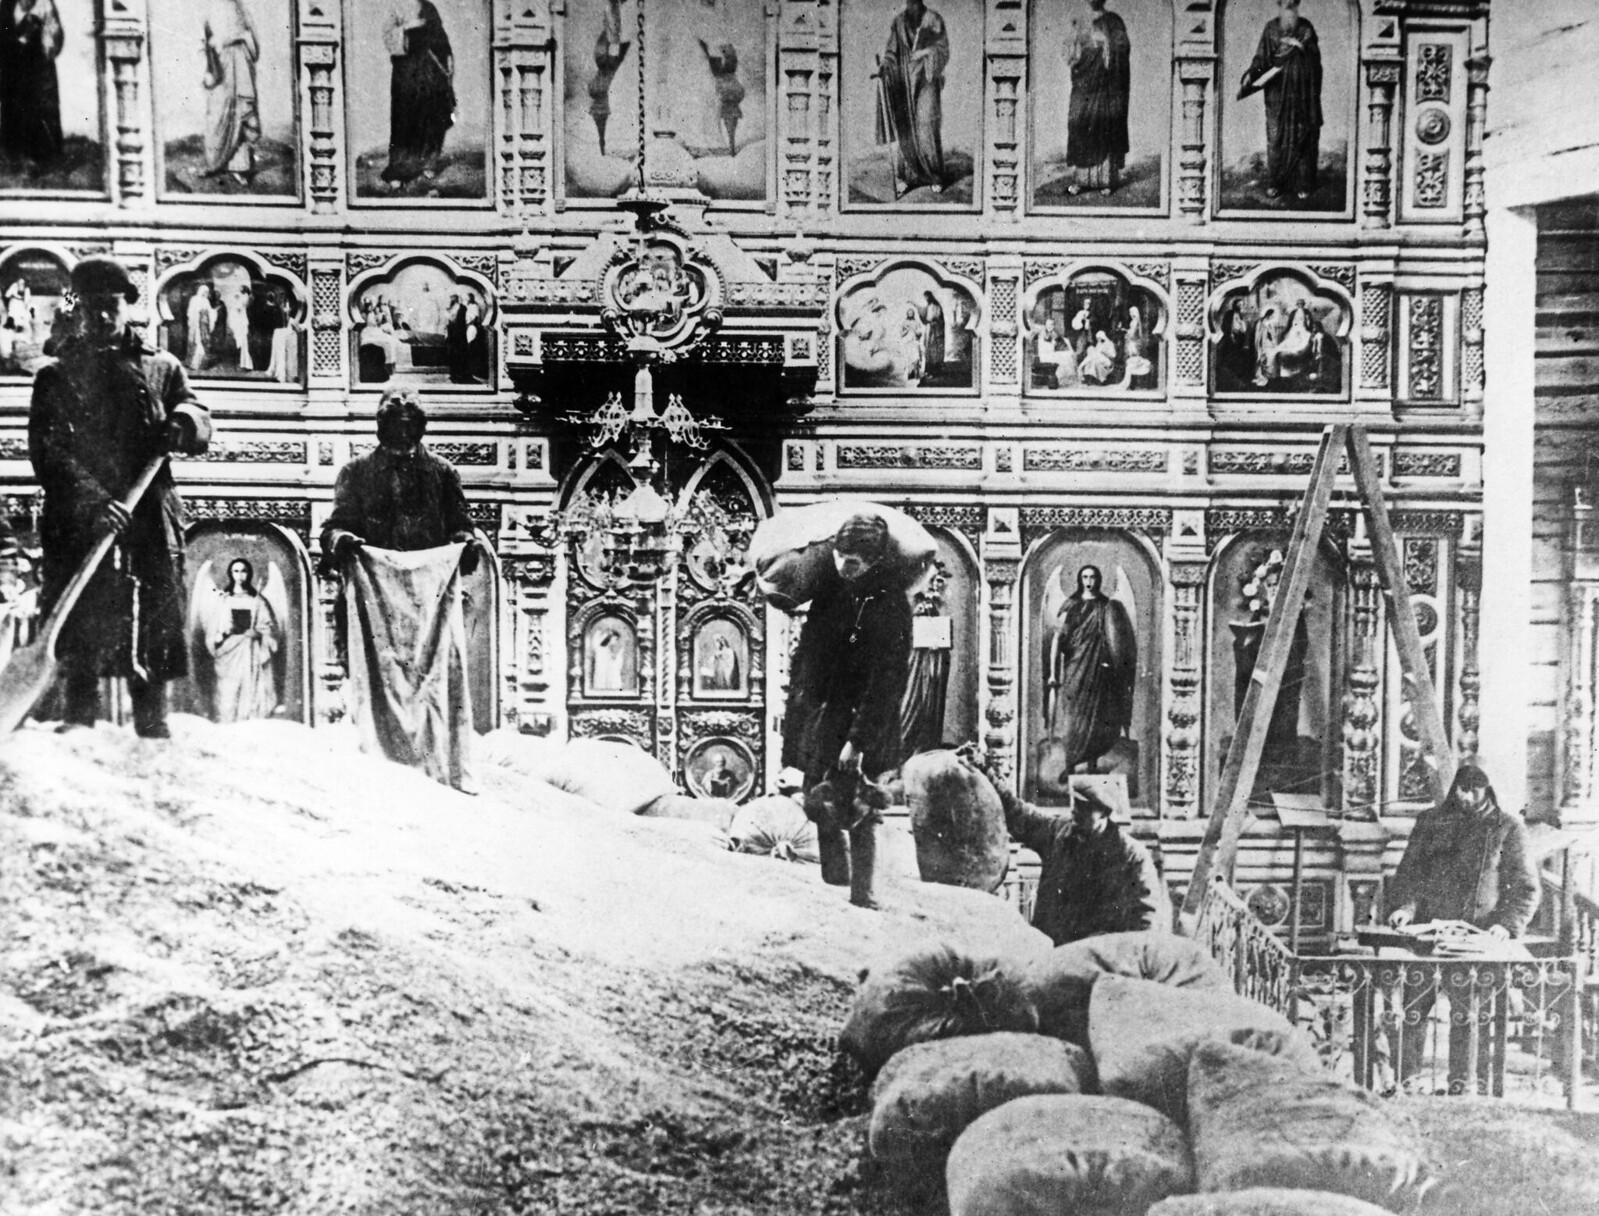 1930-е. Закрытая церковь, используемая для хранения зерна в России